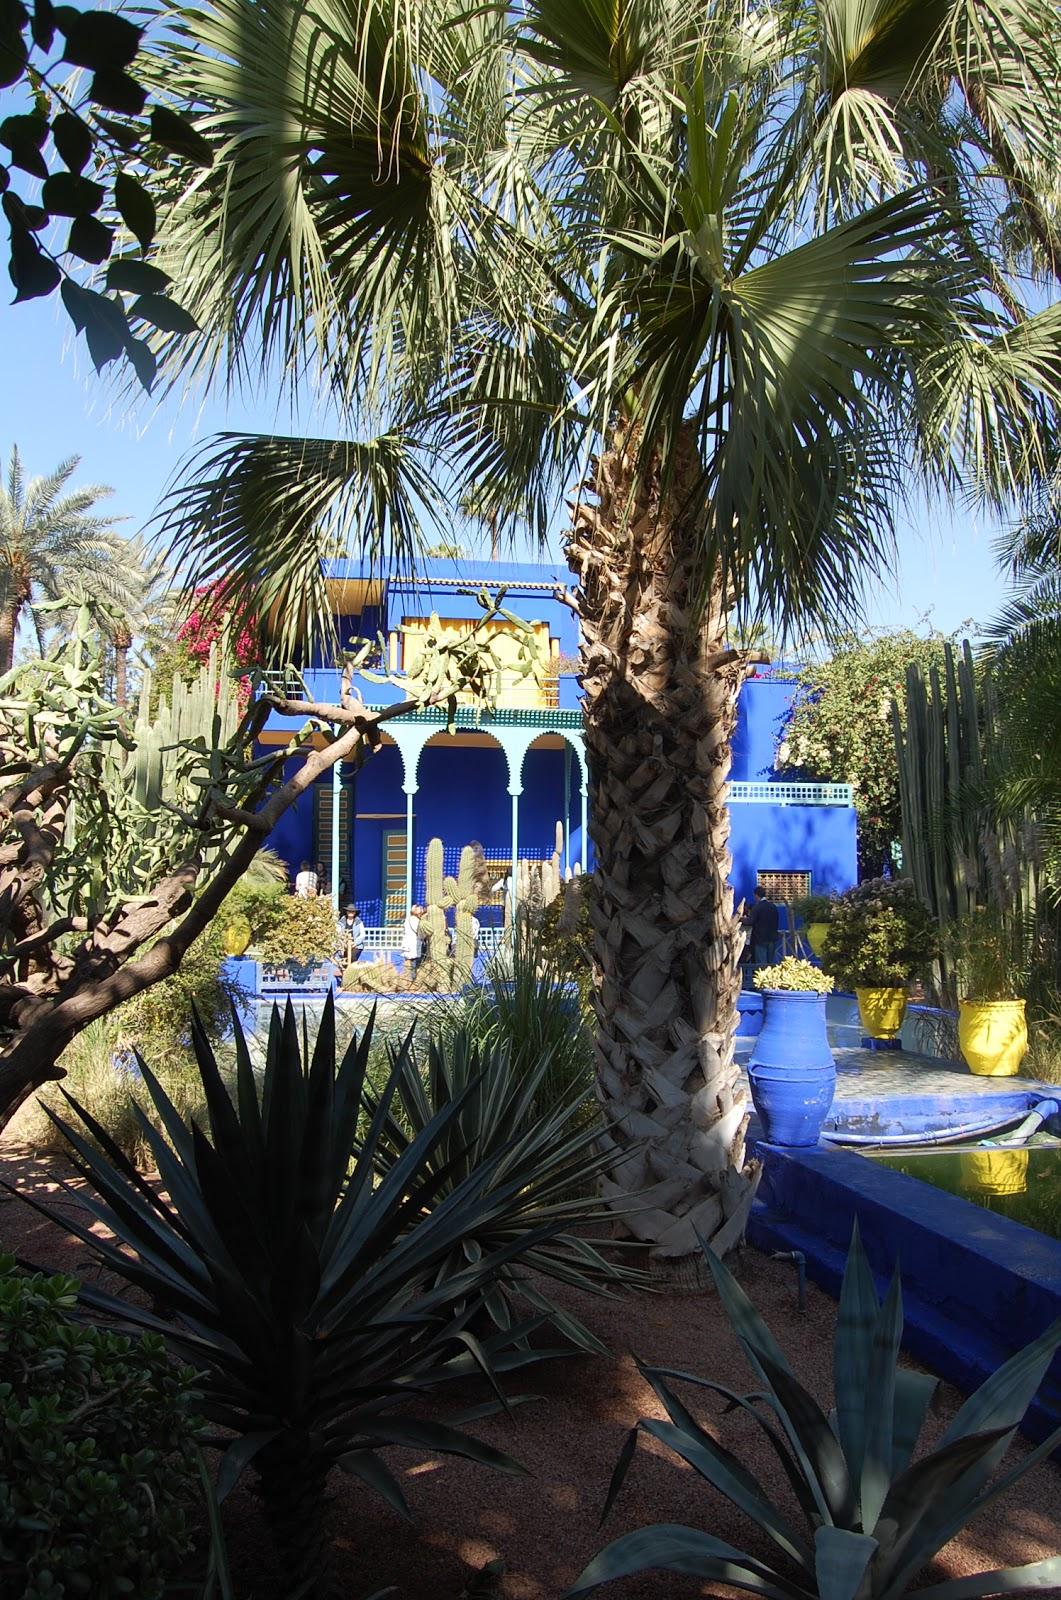 Le jardin de majorelle marrakech le maroc - Peintre majorelle oeuvres ...